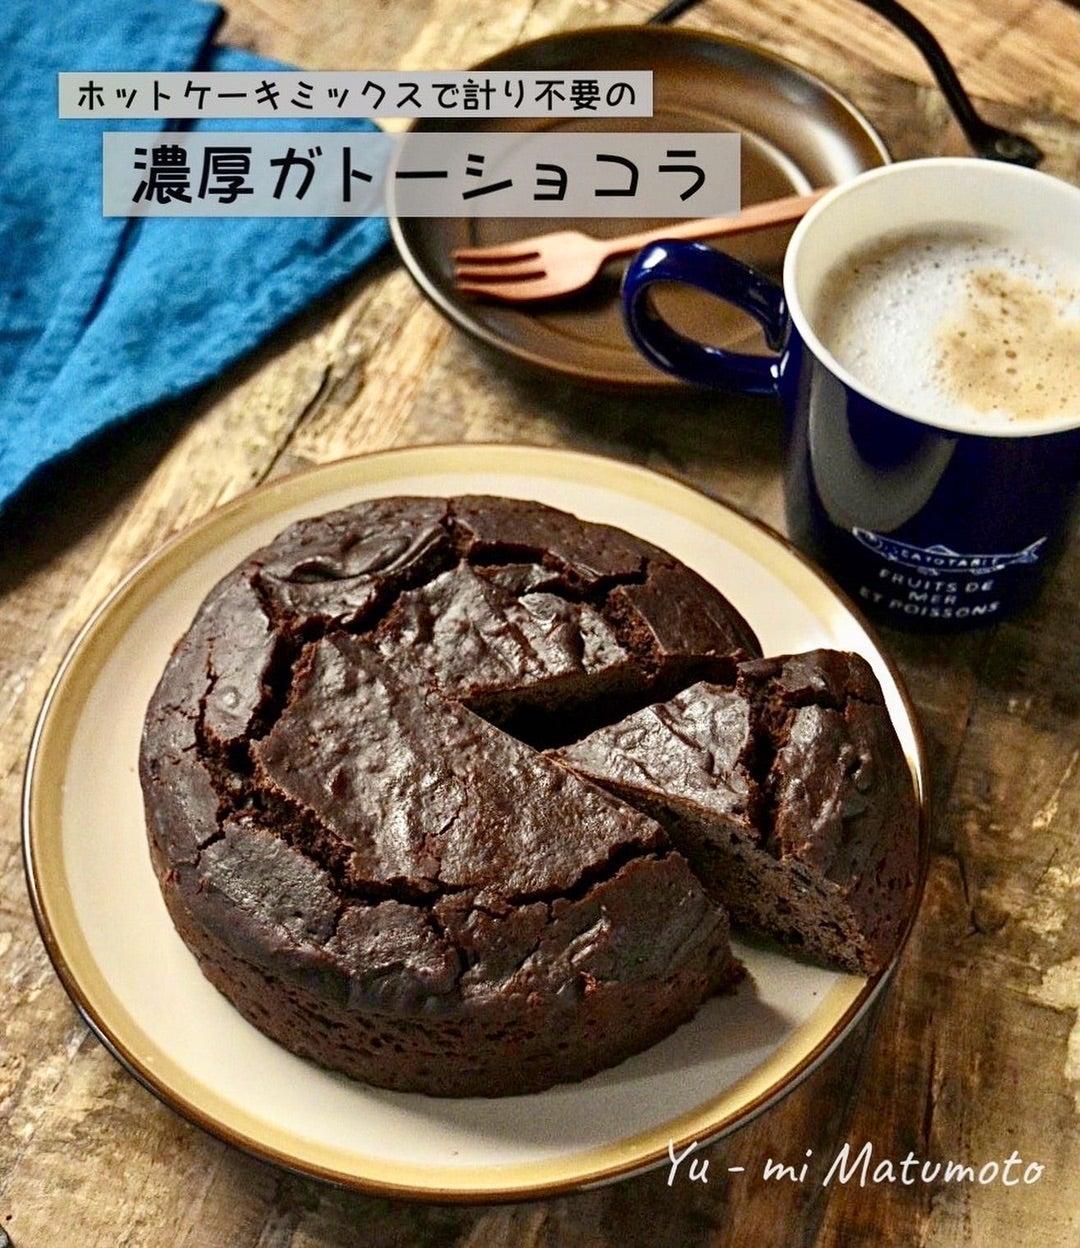 ガトー ショコラ ホット ケーキ ミックス